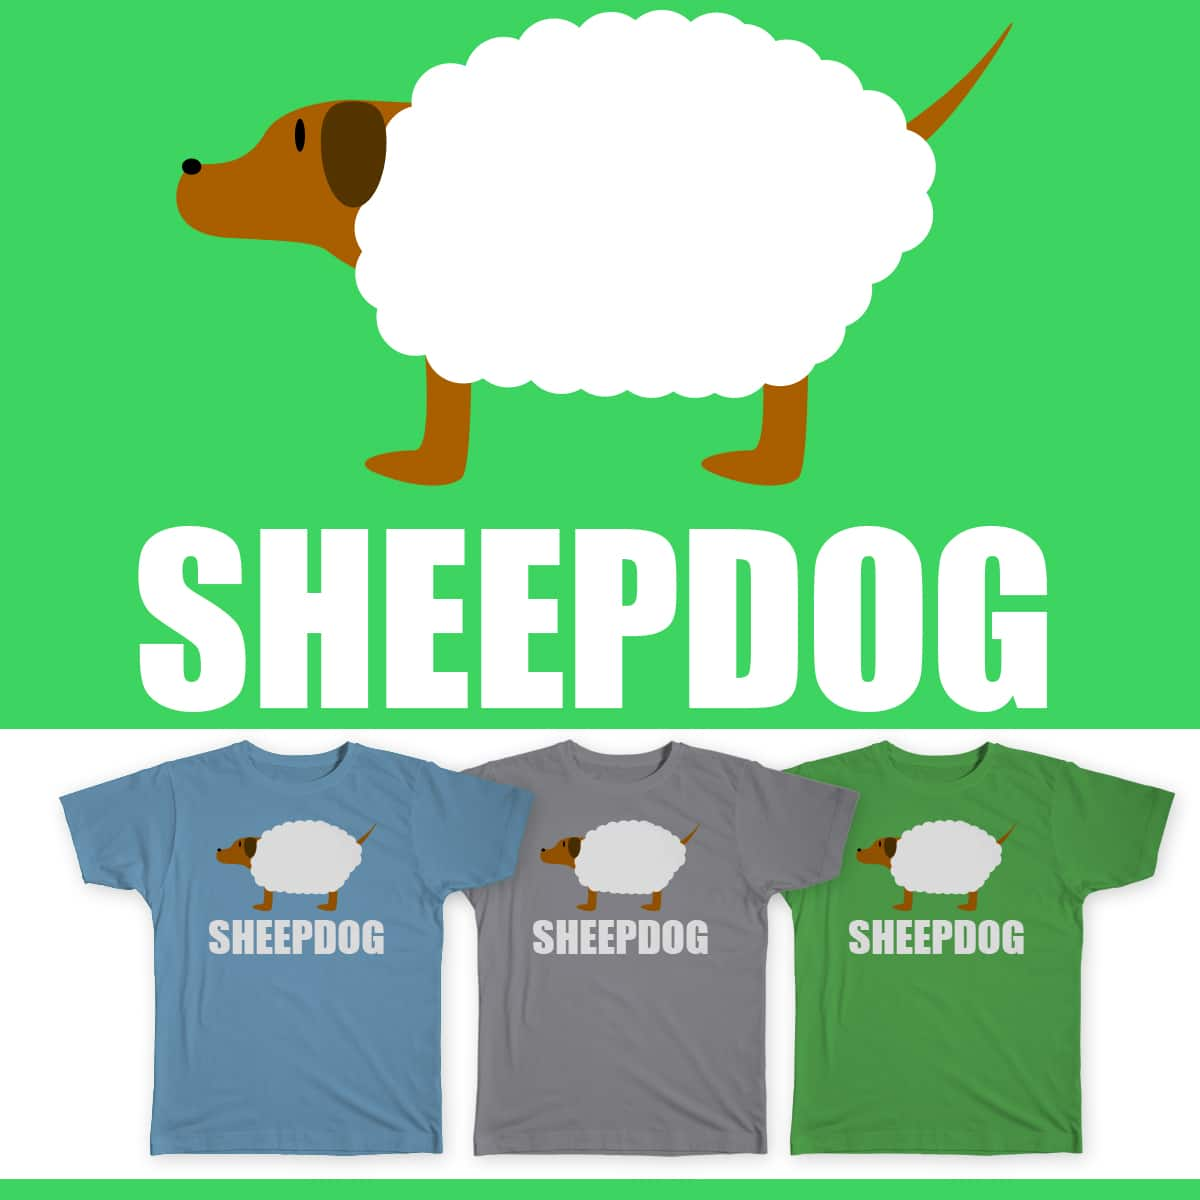 Sheepdog by gerardkwq on Threadless